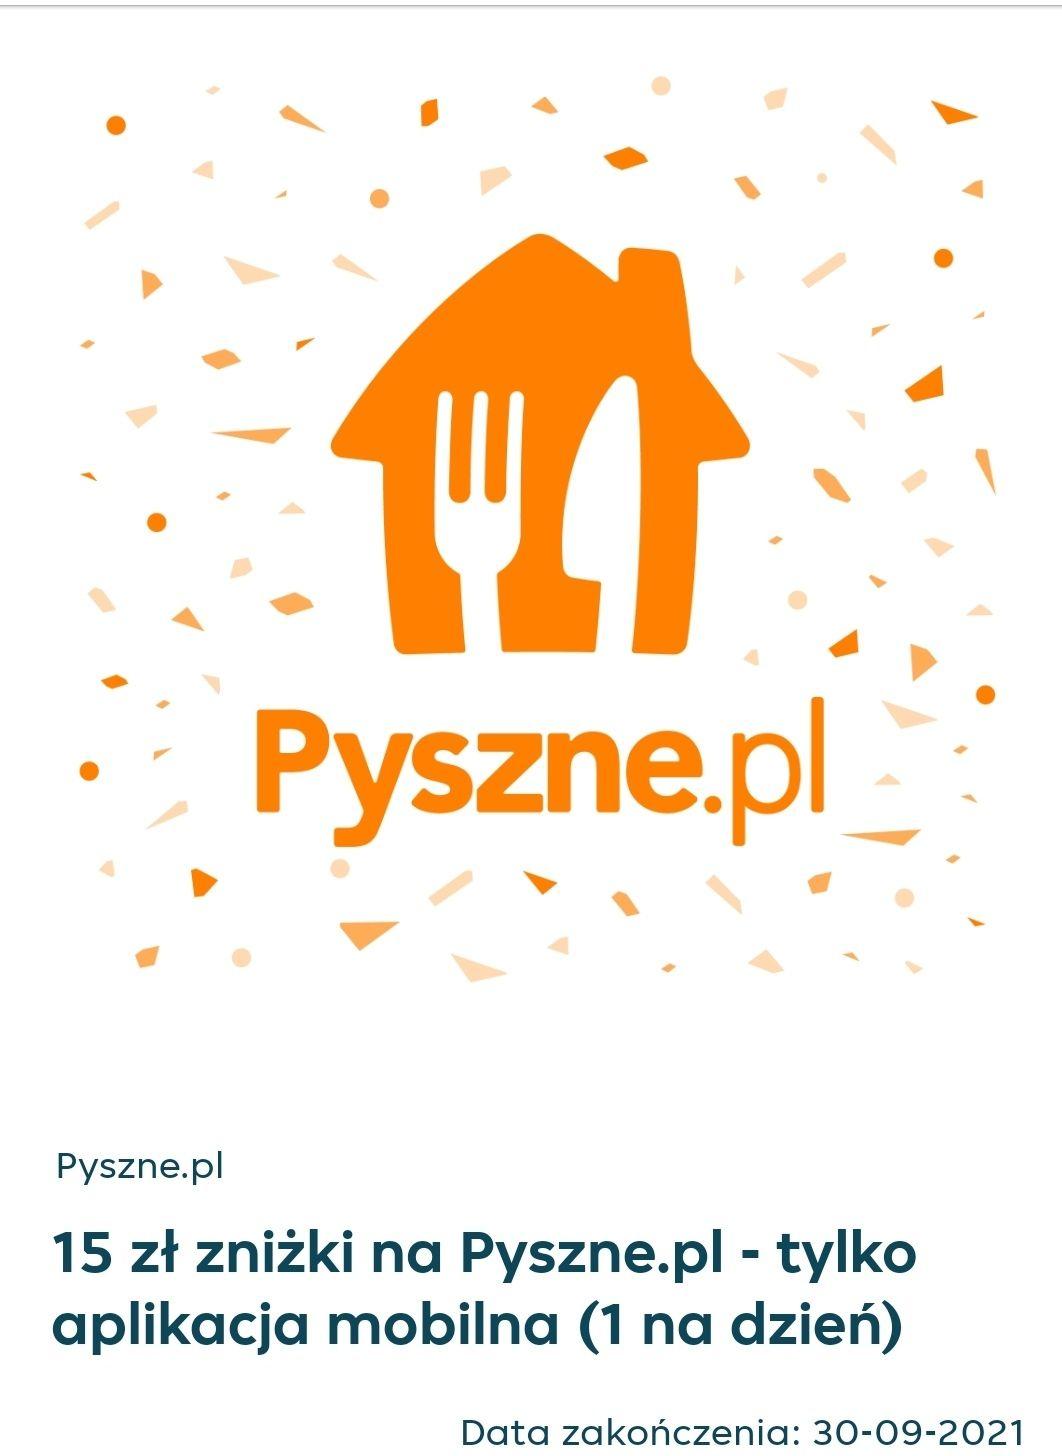 15 zł zniżki za wymianę 150 punktów na pyszne.pl mwz 35 zl. 1 kod na dzień.